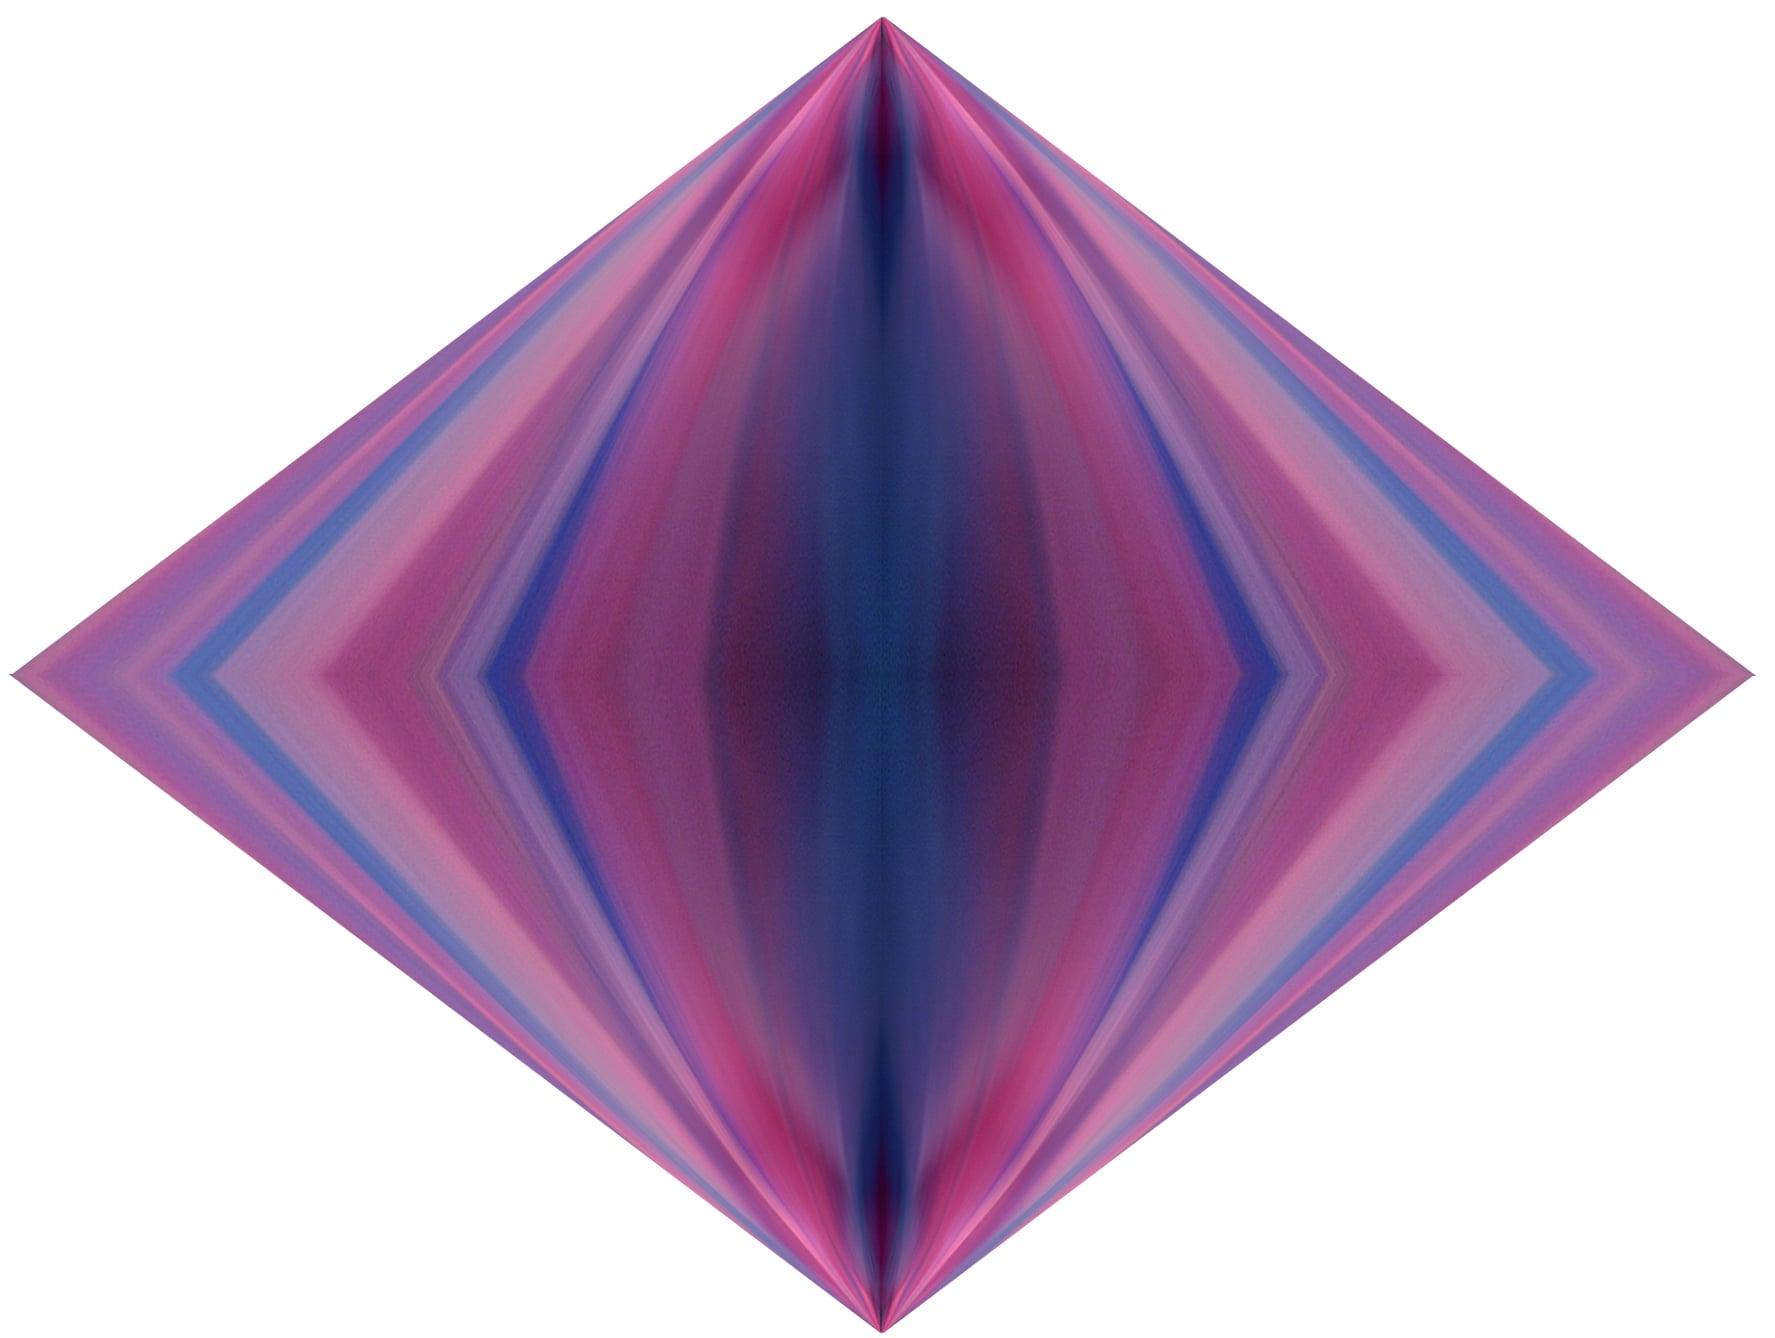 blue-pink-purple-onement.jpg